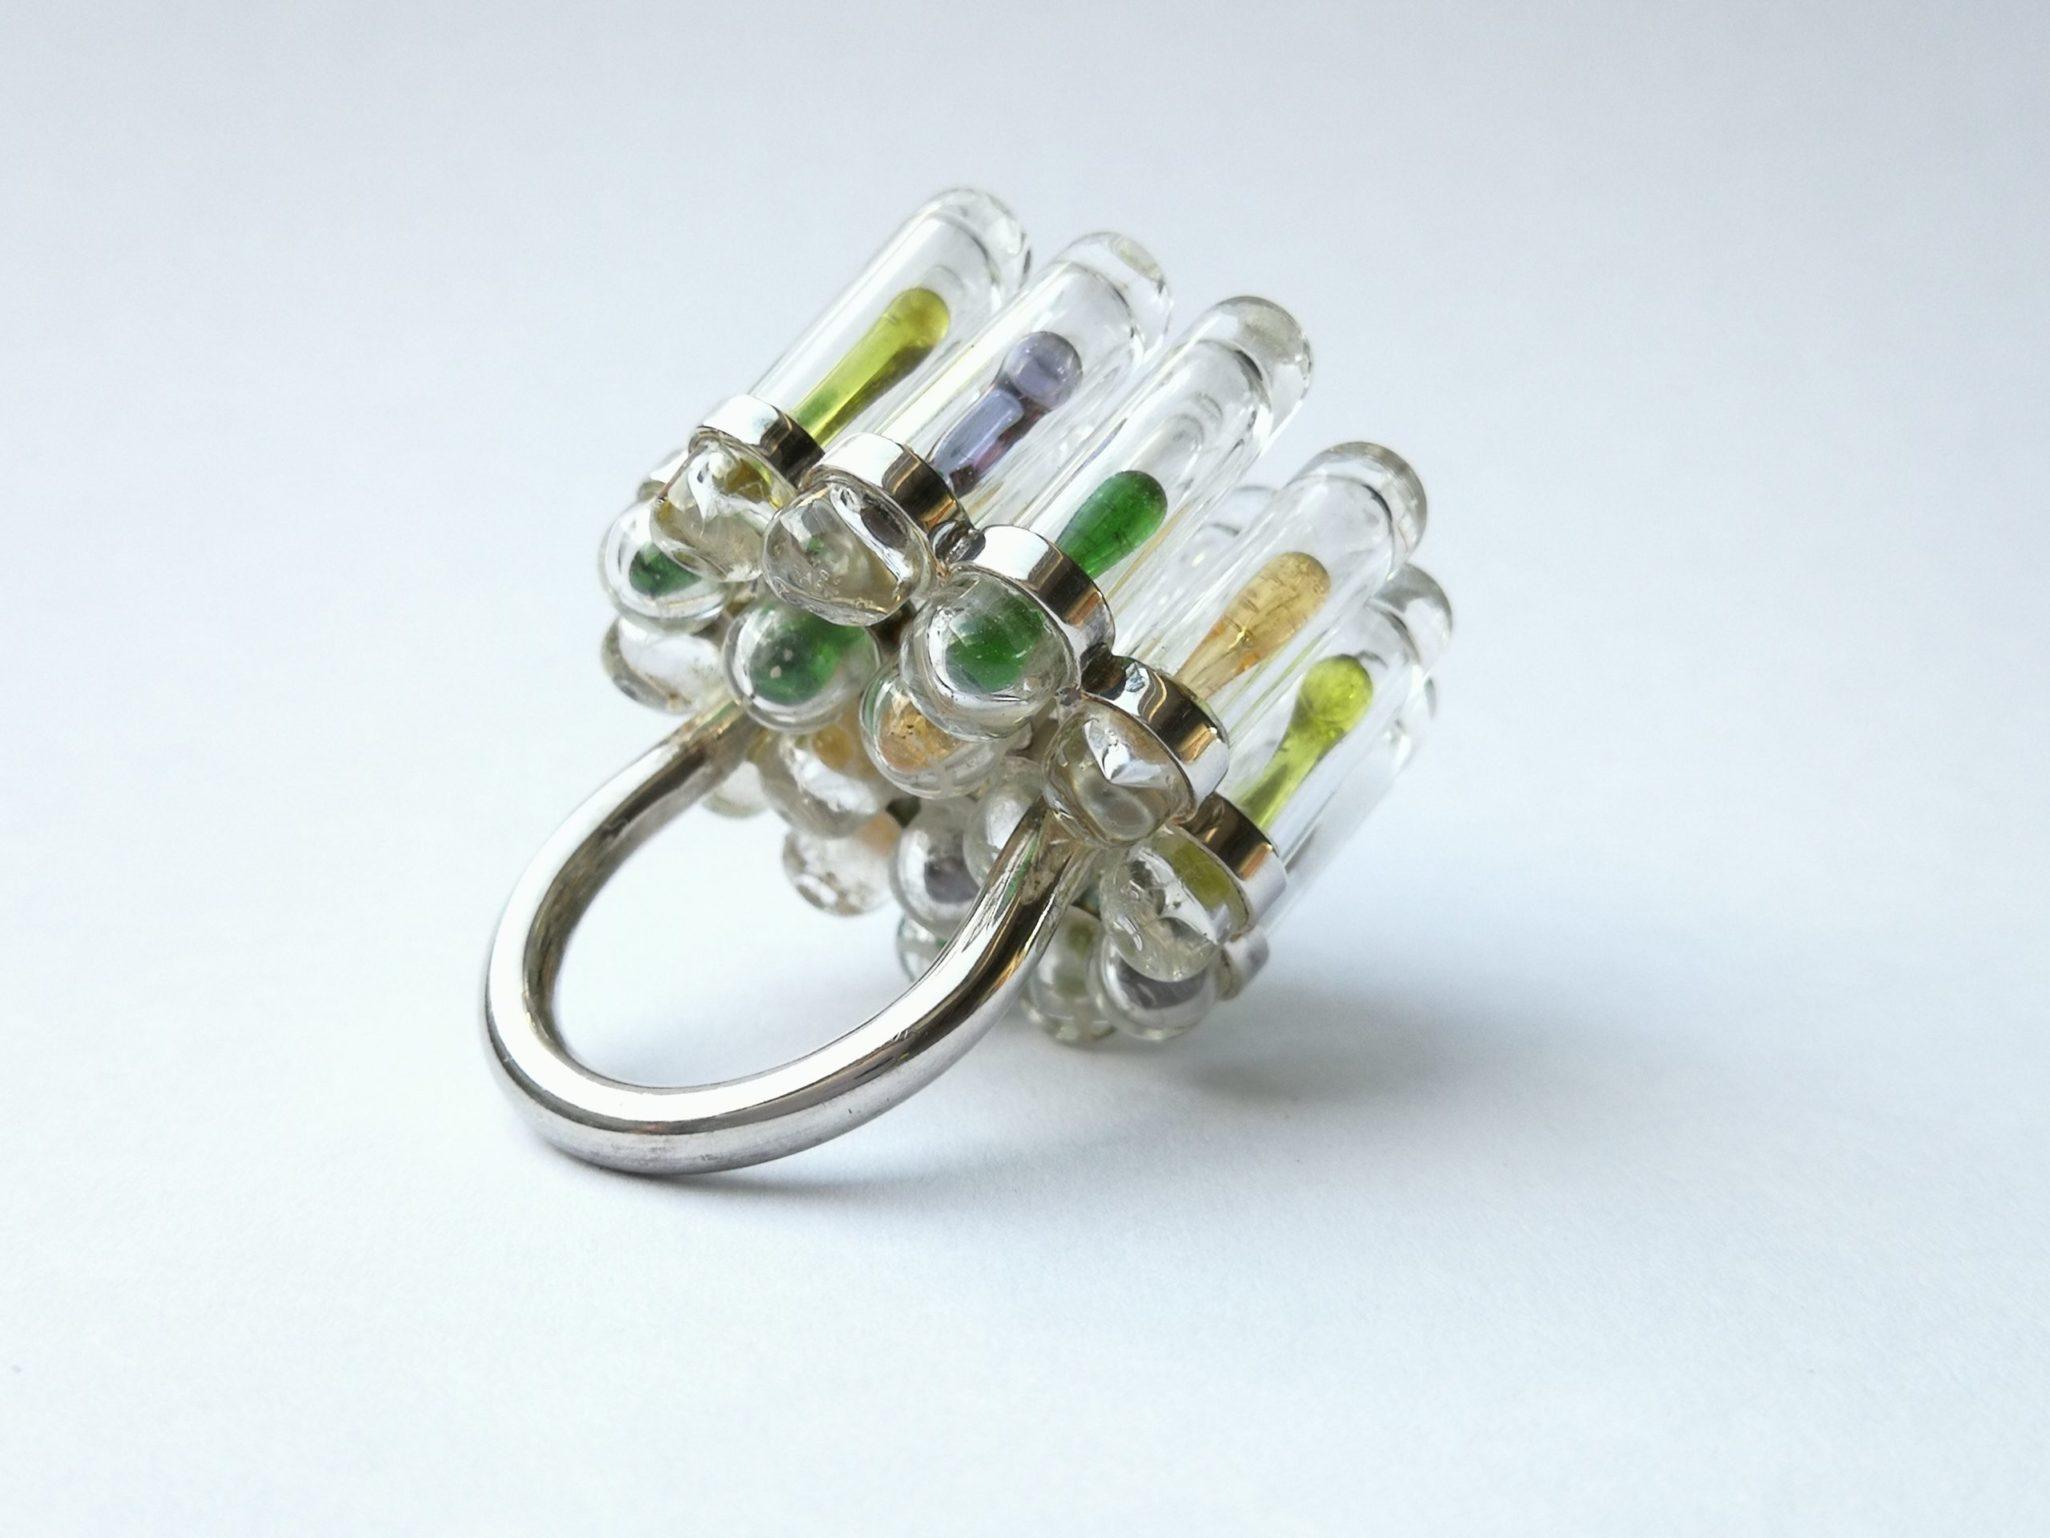 bague verre argent /bijoux contemporains